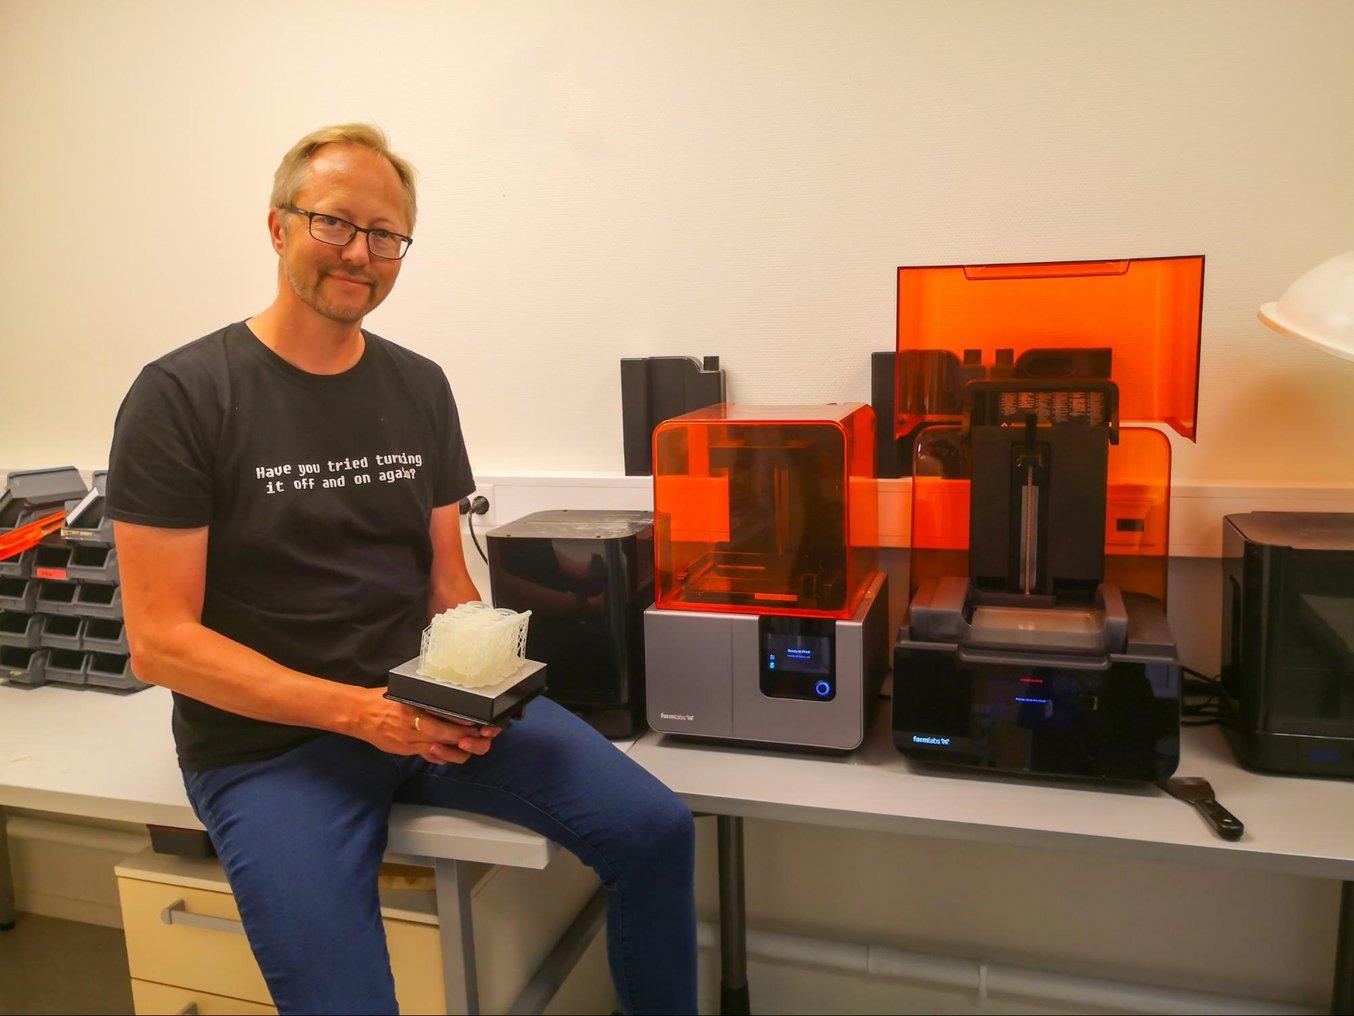 Røssvoll hat zwei SLA-3D-Drucker in seinem Büro, einen Form 2 und einen Form 3. Er hat mehr als 2600 Teile für mehr als 100 unterschiedliche Projekte gedruckt.